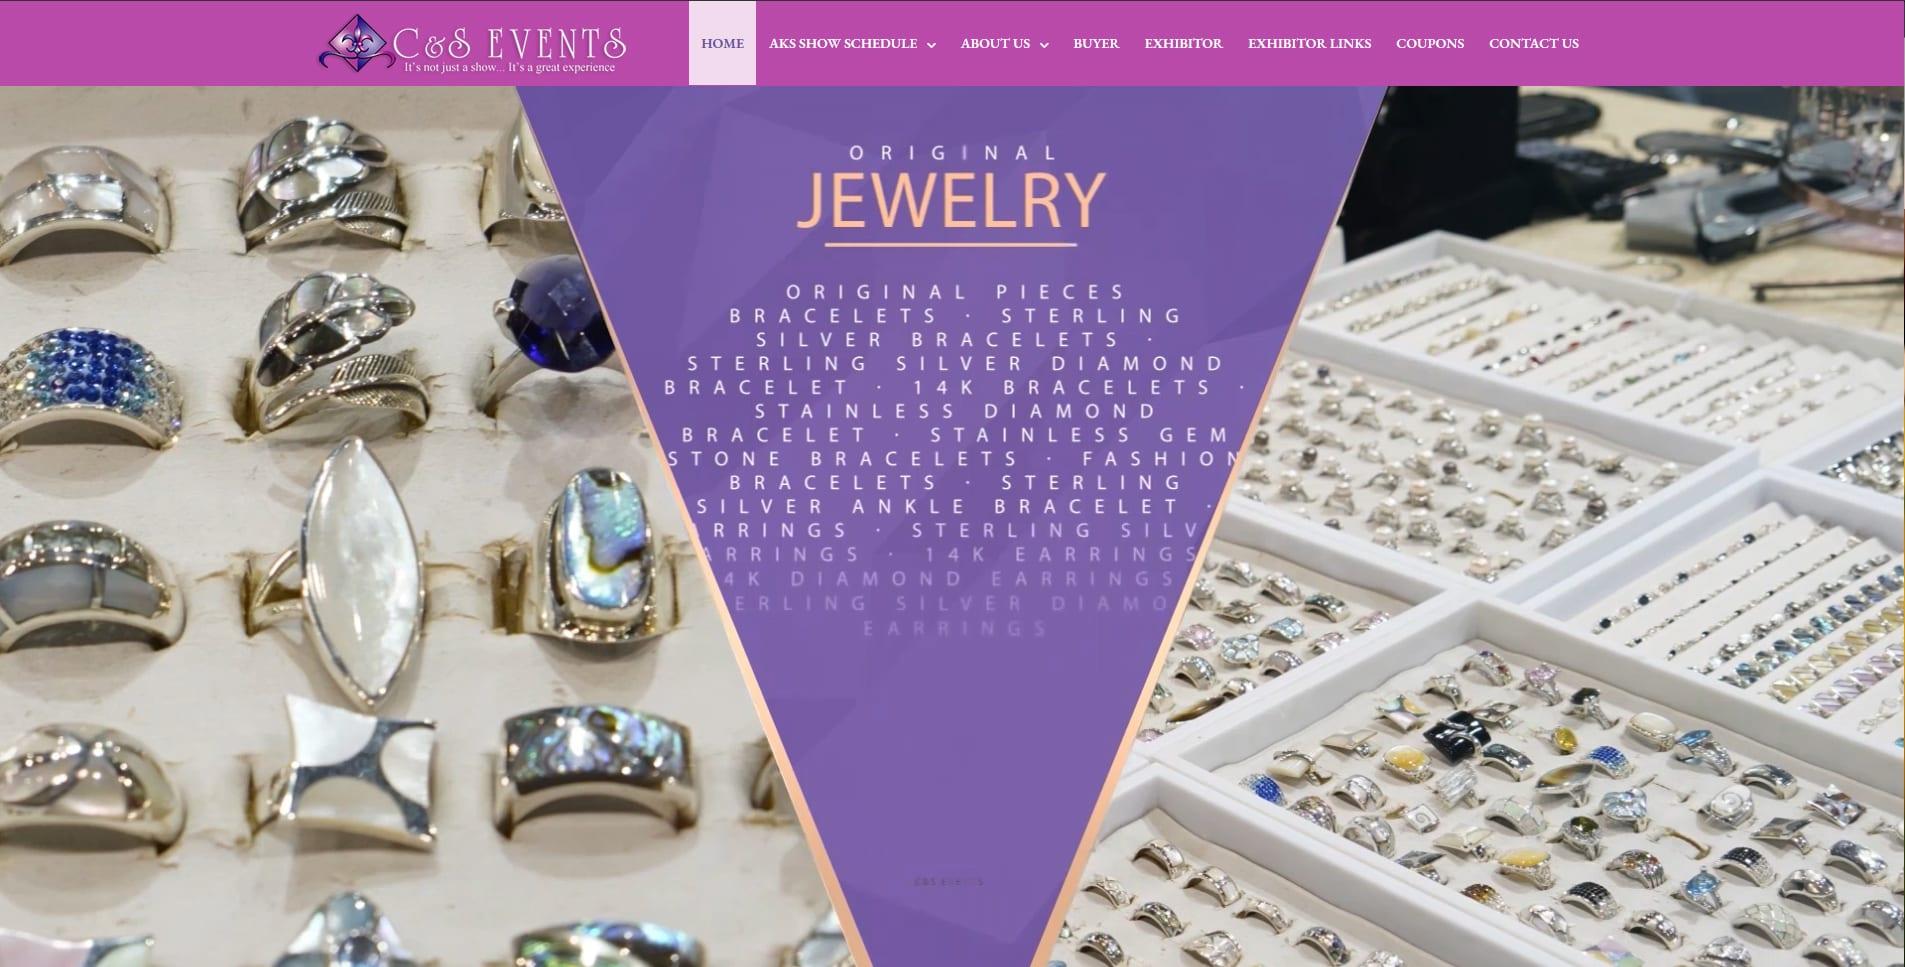 AKS Bead & Jewelry Shows